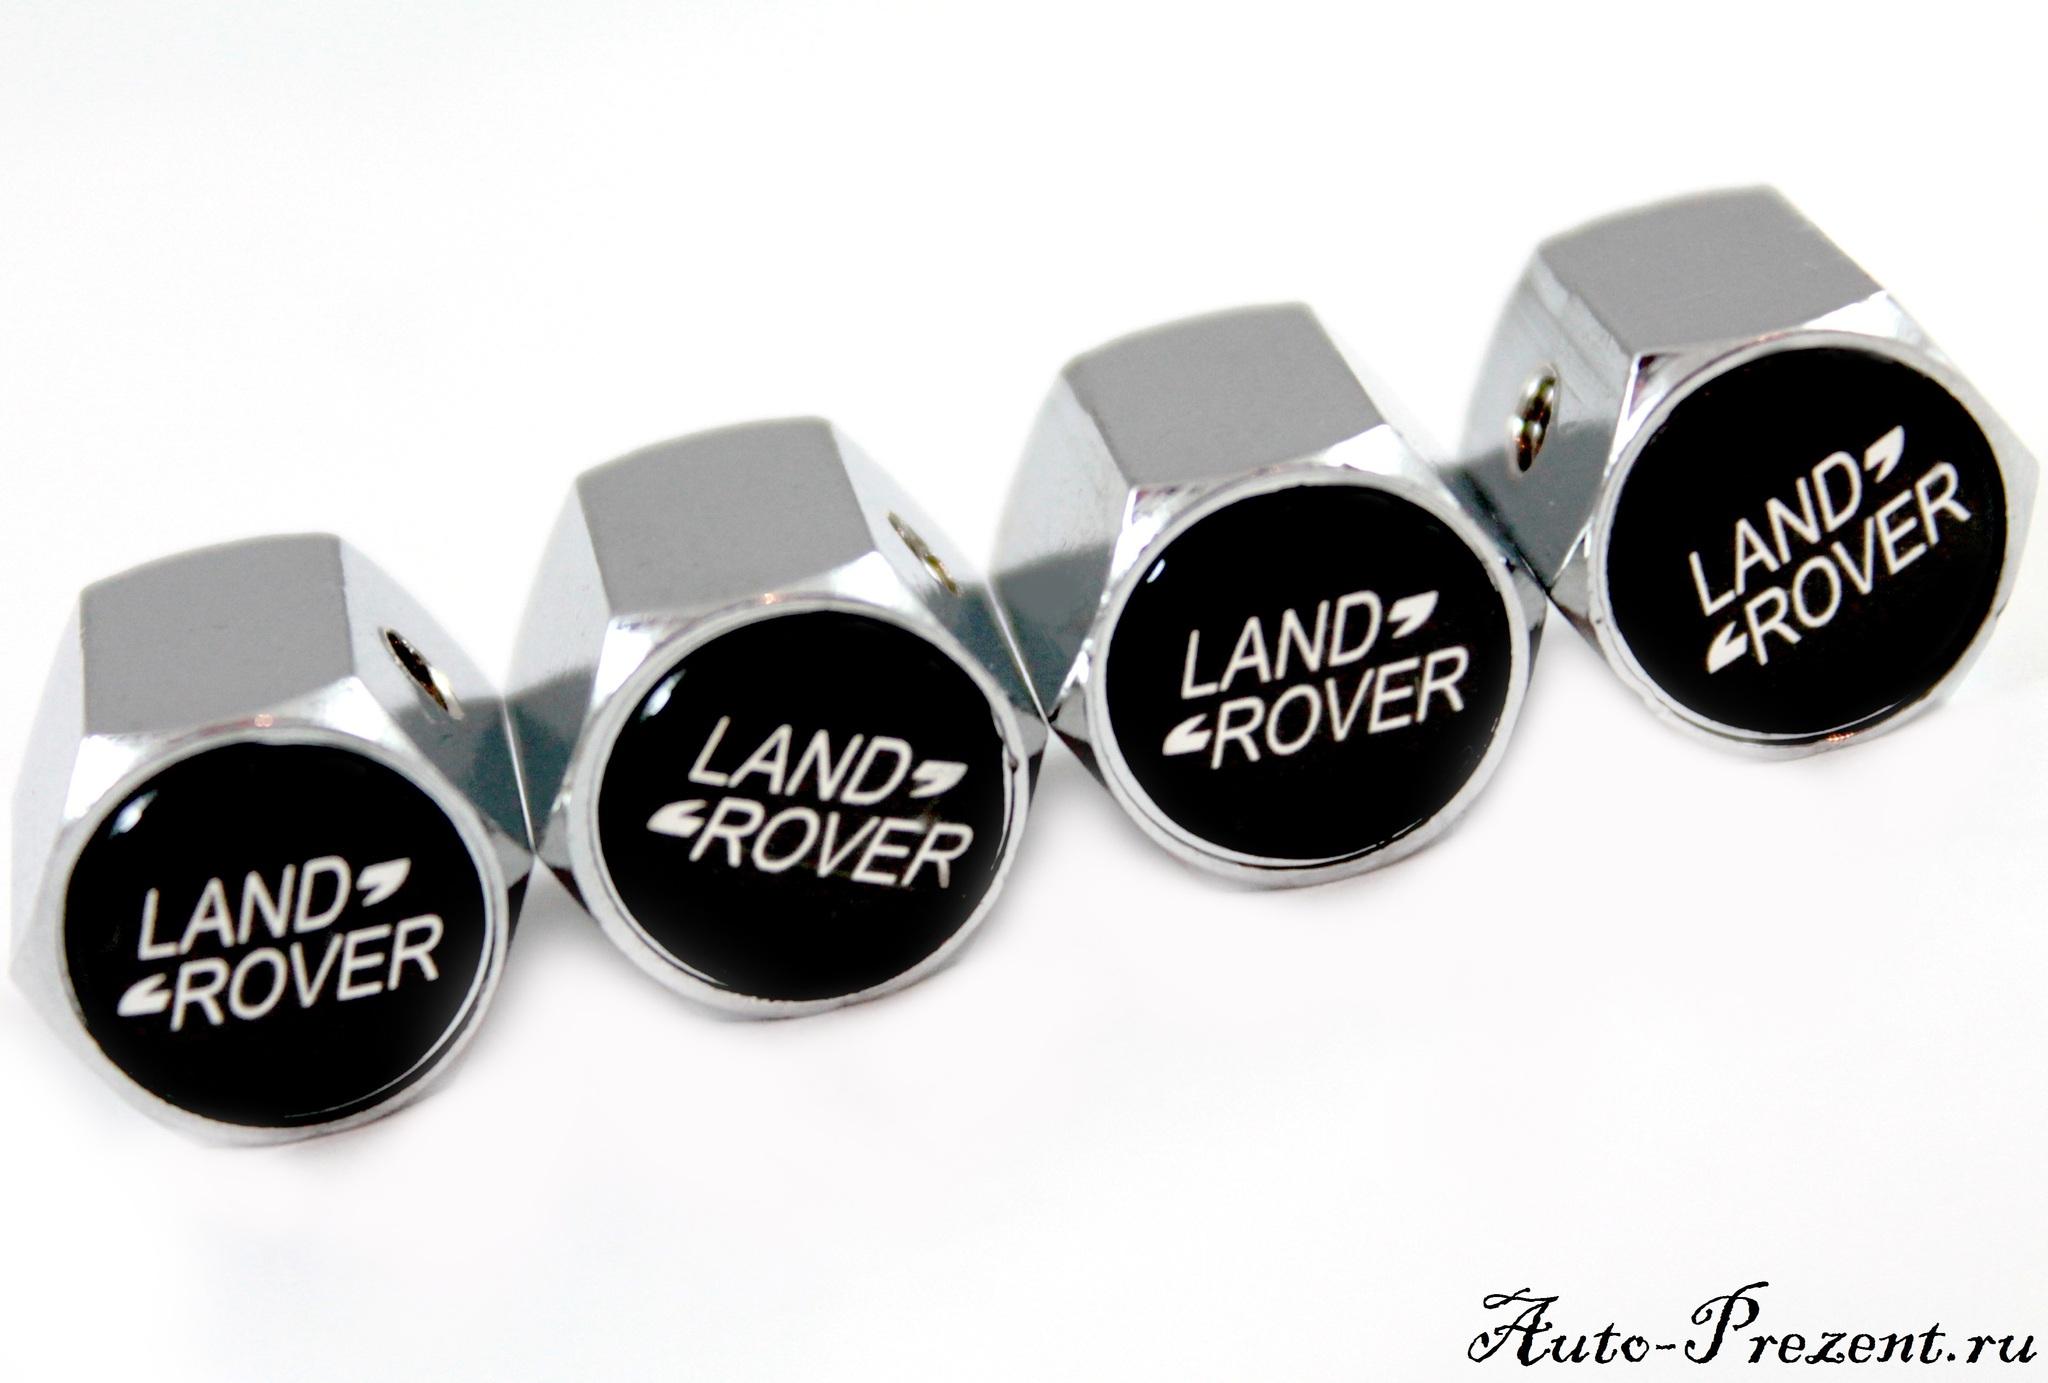 Колпачки на ниппель LAND ROVER с защитой от кражи